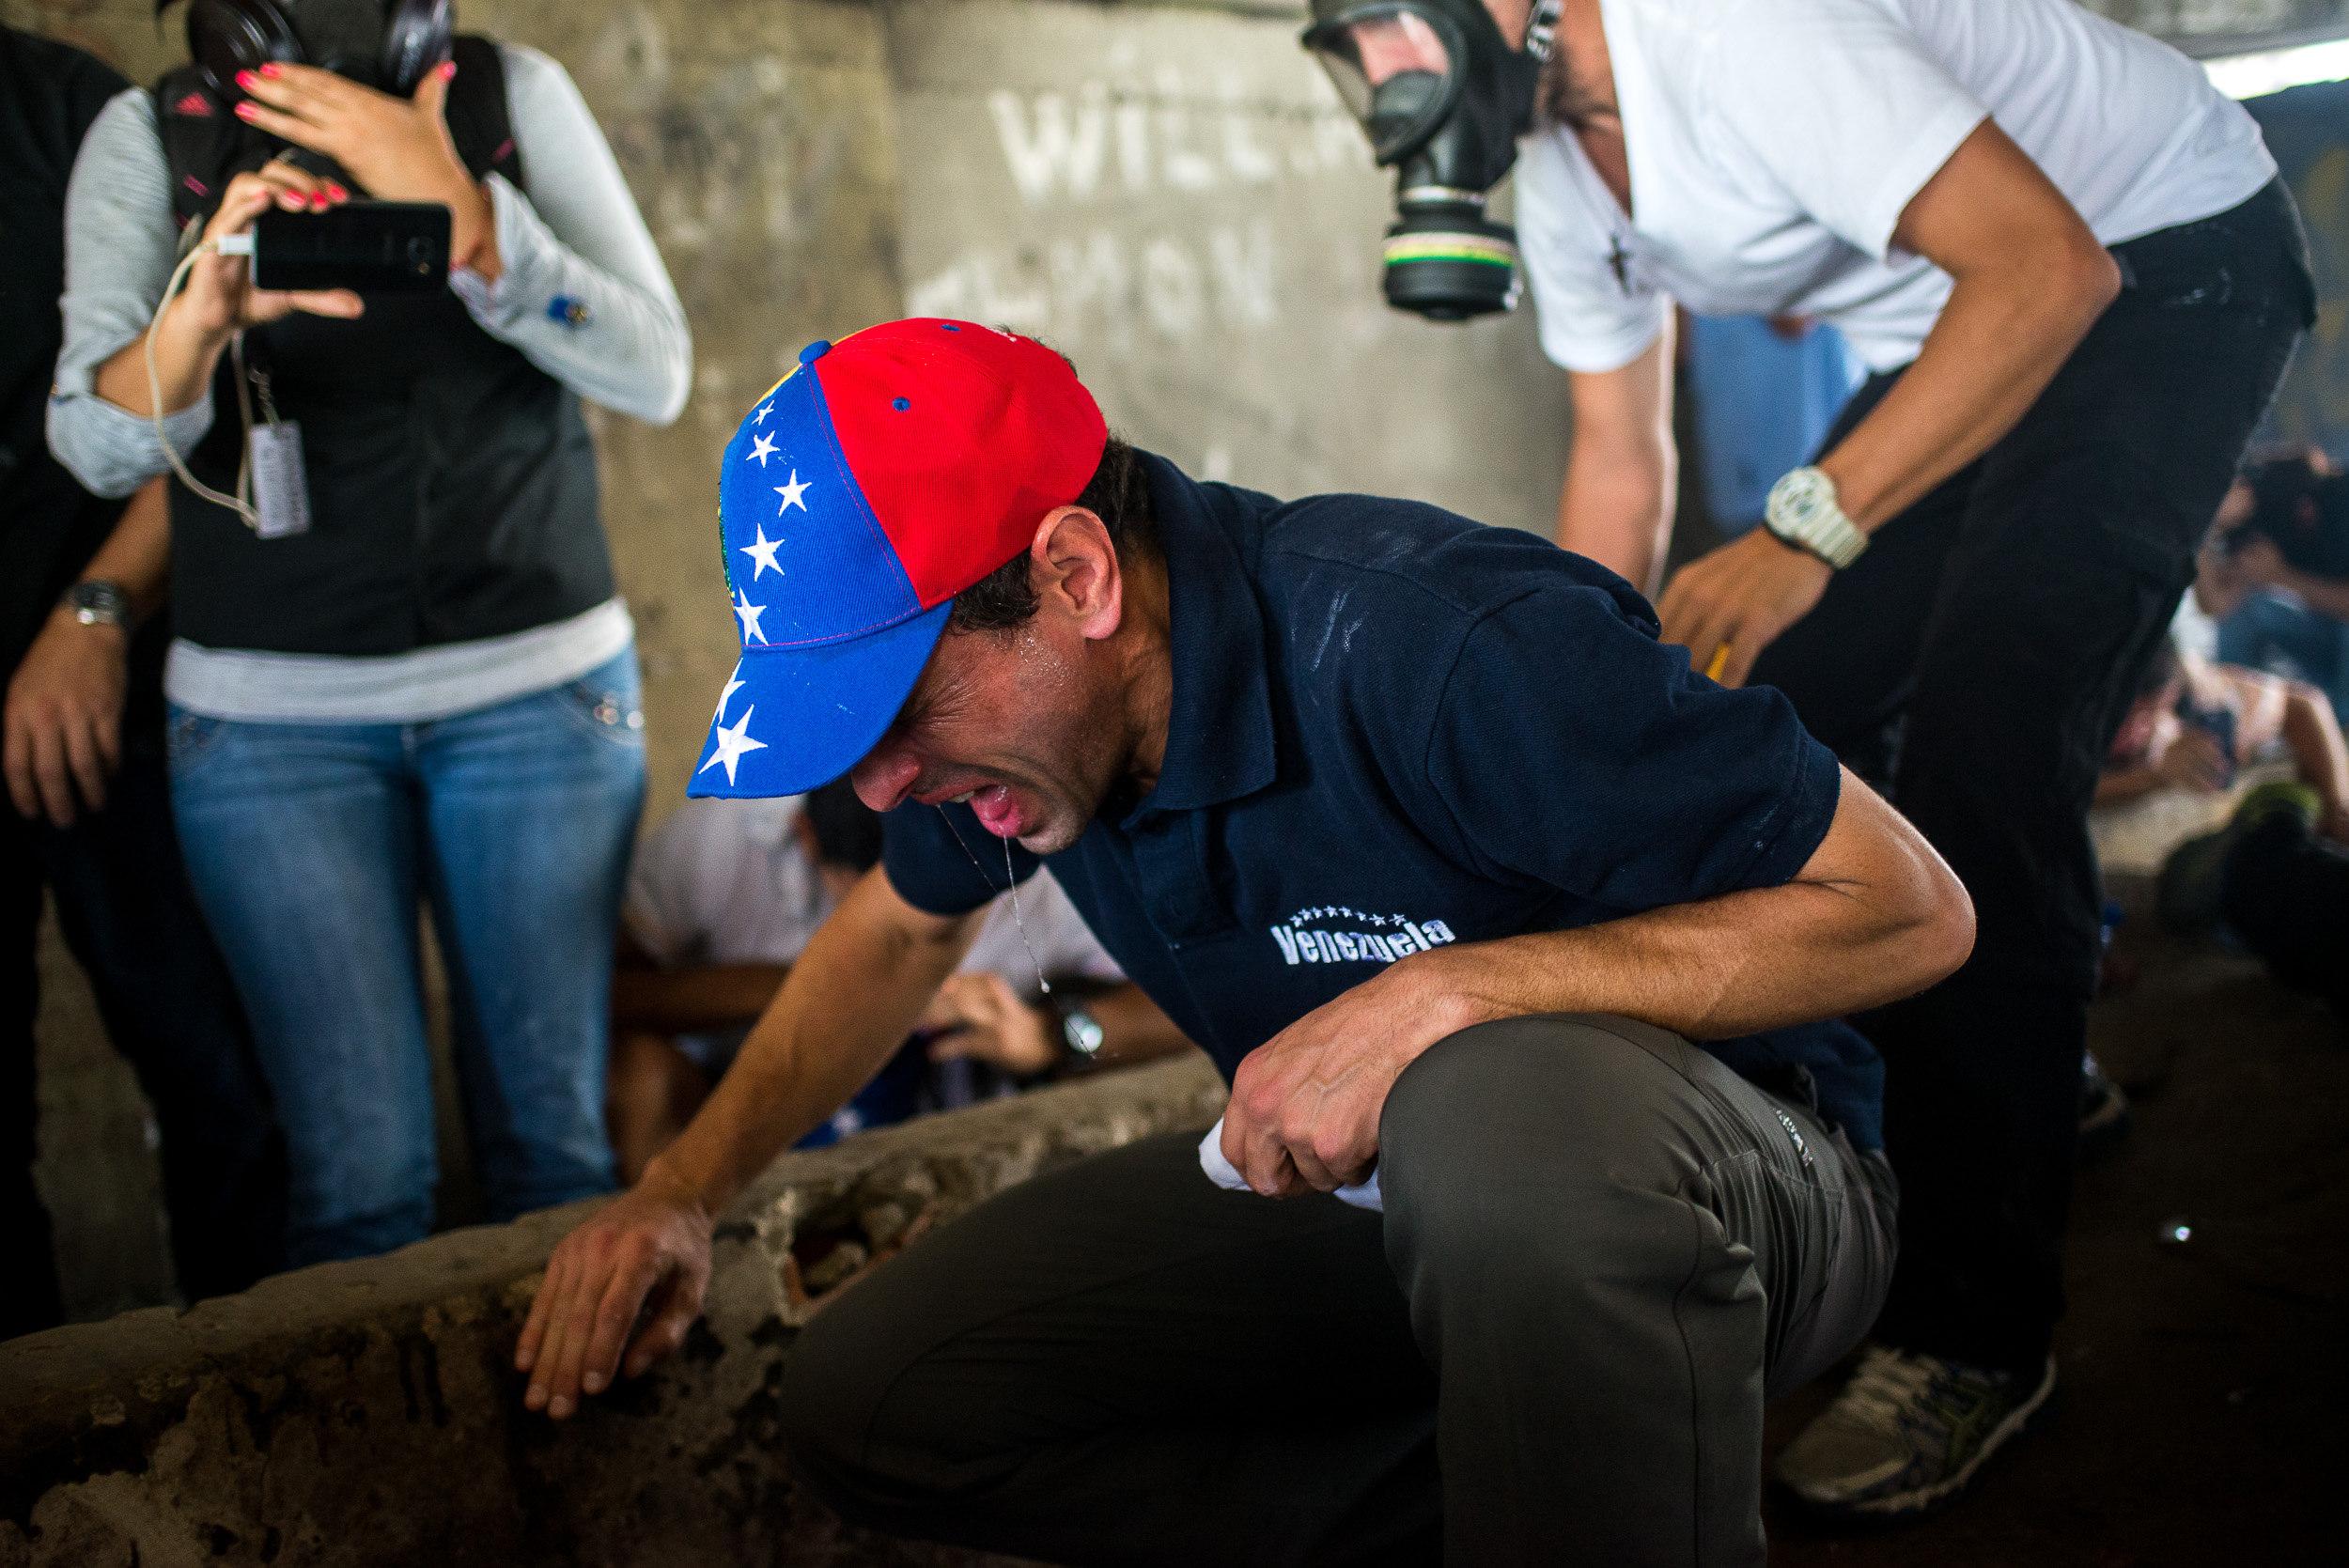 CAR005. CARACAS (VENEZUELA), 19/04/2017.- El líder opositor Henrique Capriles reacciona a los gases lacrimógenos durante una manifestación opositora que intentaba llegar a la Defensoría del Pueblo hoy, miércoles 19 de abril de 2017, en Caracas (Venezuela.). La policía disolvió hoy con gases lacrimógenos una de las marchas opositoras en el centro de Caracas que pretendía llegar a la sede de la Defensoría del Pueblo, mientras que desde otra de las concentraciones antichavistas en esa zona de la ciudad se reportó una persona muerta. Venezuela es escenario el día de hoy de marchas a favor y en contra del Gobierno a las que cada uno de los bandos ha convocado para medir fuerzas en la calle. EFE/Manaure Quintero